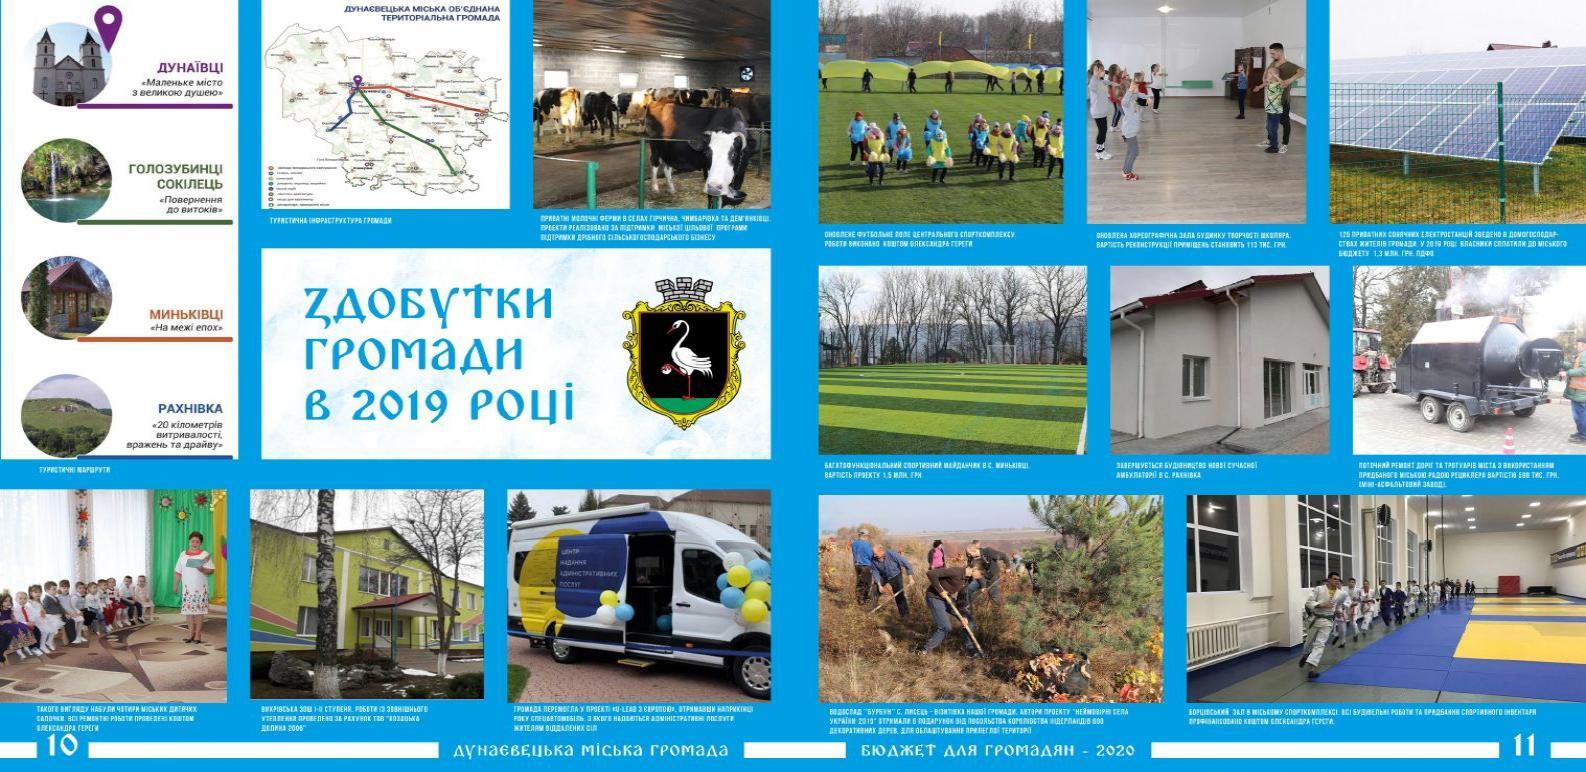 http://dunrada.gov.ua/uploadfile/archive_news/2020/06/26/2020-06-26_9236/images/images-32593.jpg